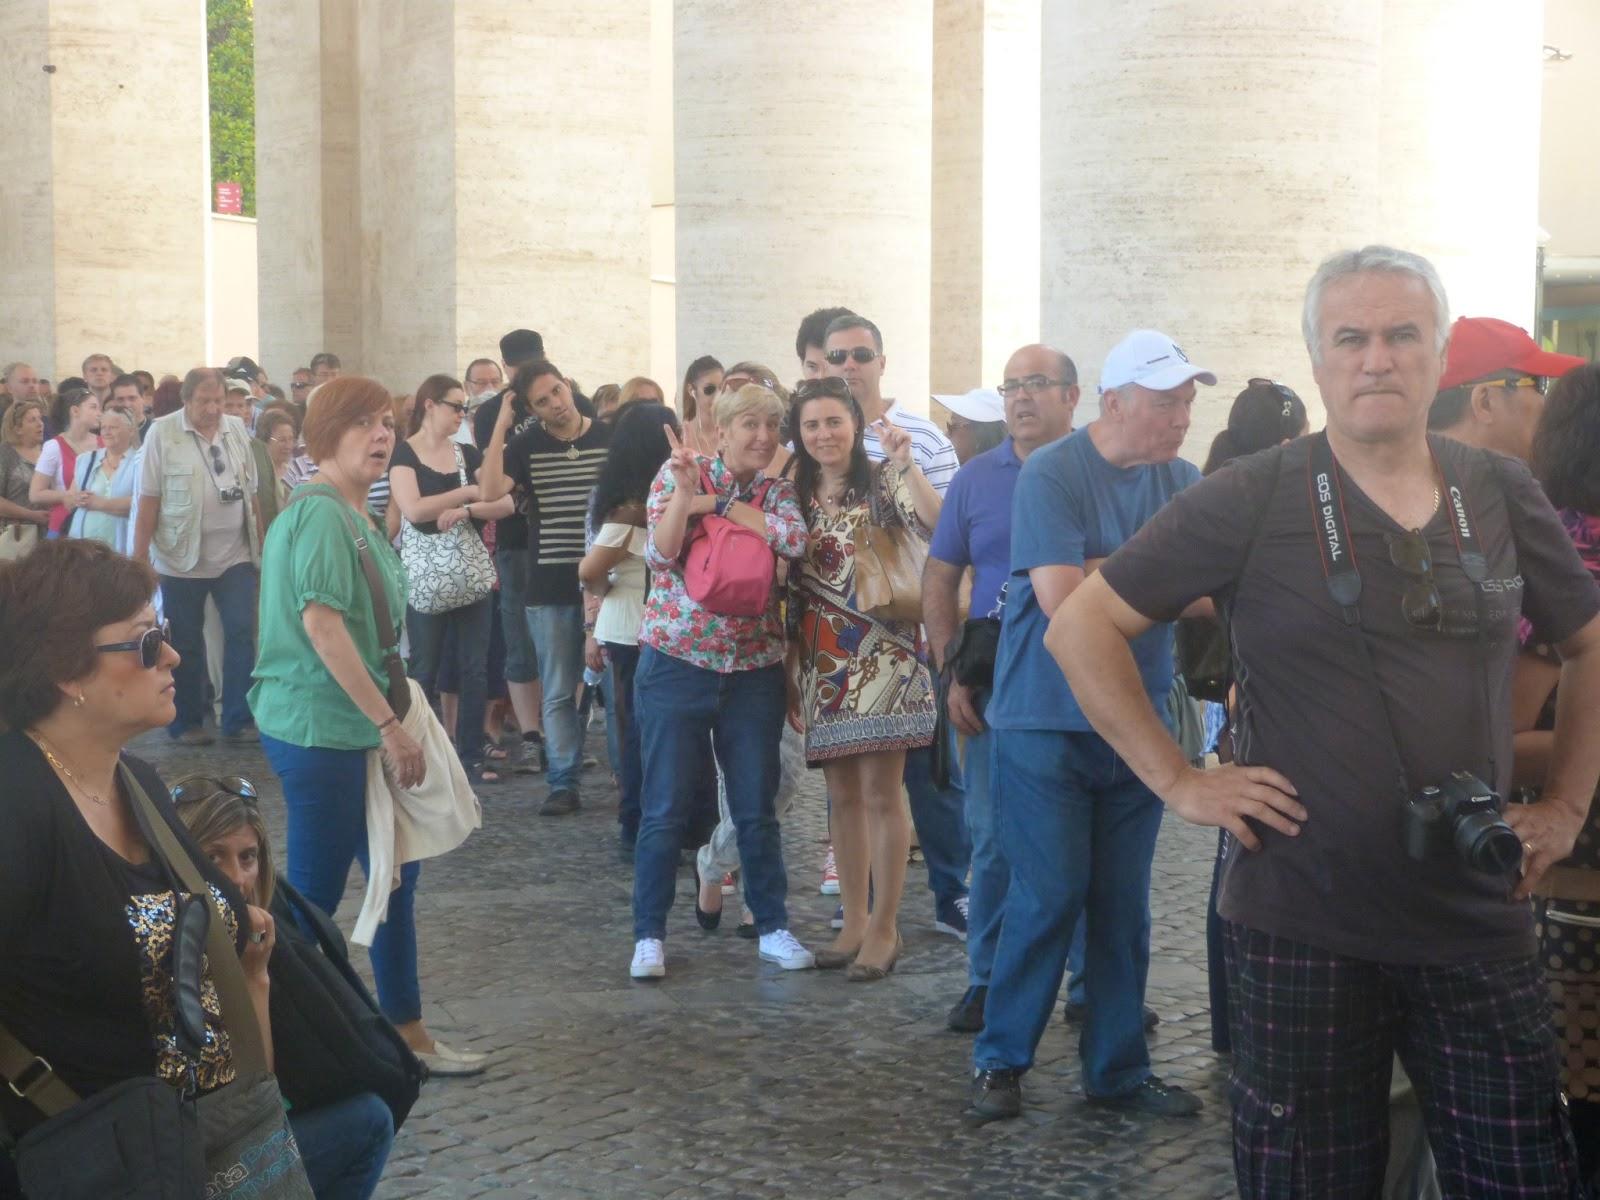 105667d696 No se puede entrar en la basílica de San Pedro ni con los hombros  descubiertos -te echan atrás si vas en camiseta de tirantes o un top- ni en  pantalón corto ...